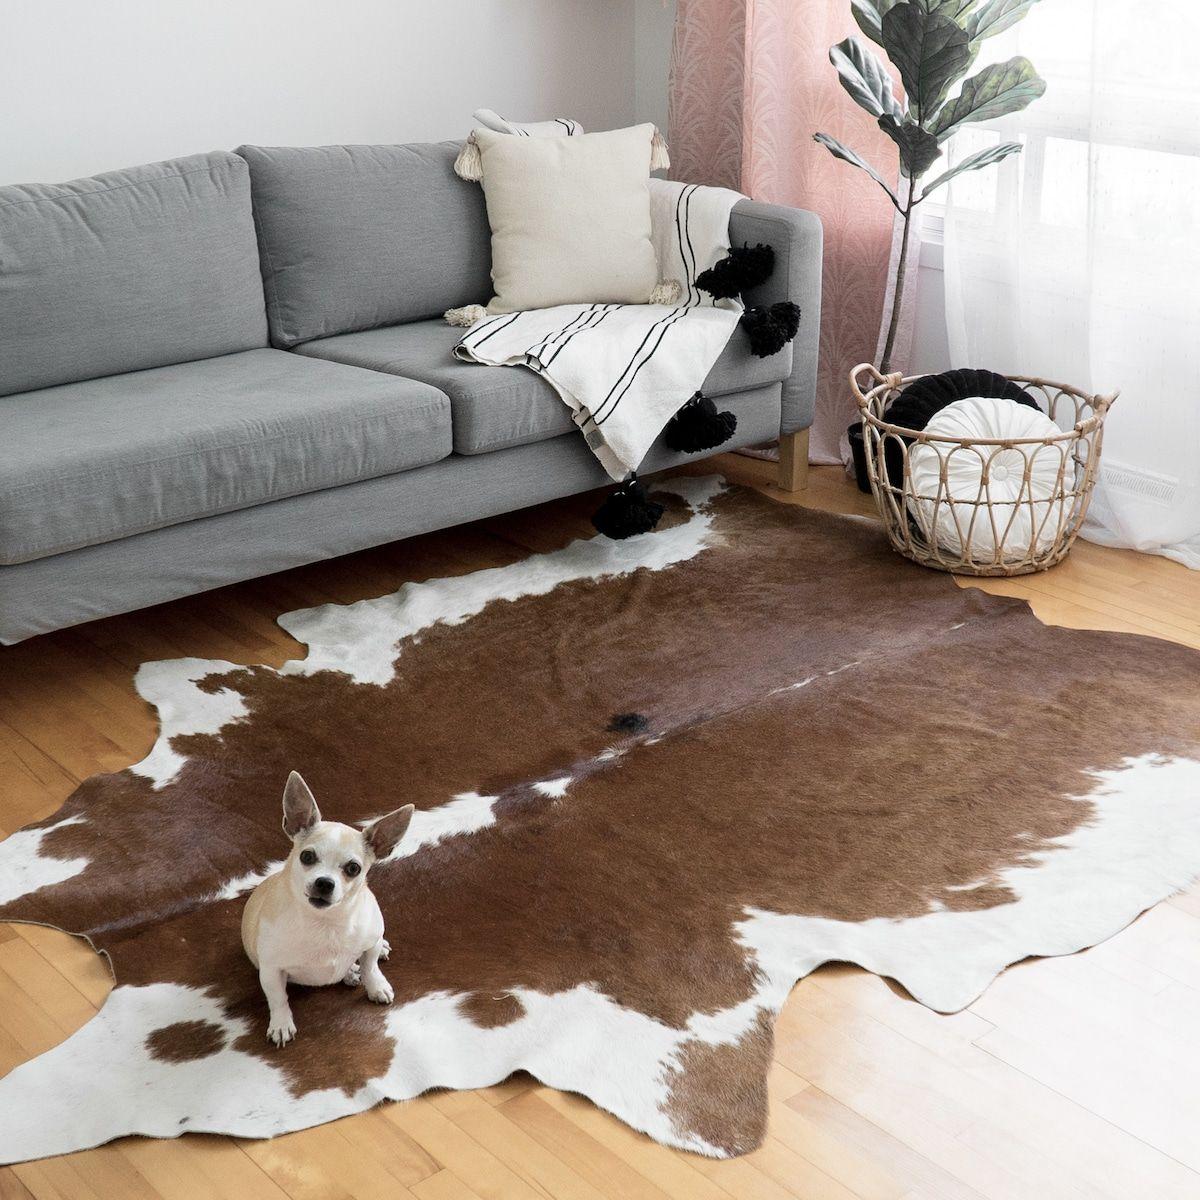 Tapis Peau De Vache A Kobe A Tapis Peau De Vache Rugs Animal Hide Decor Area Rugs